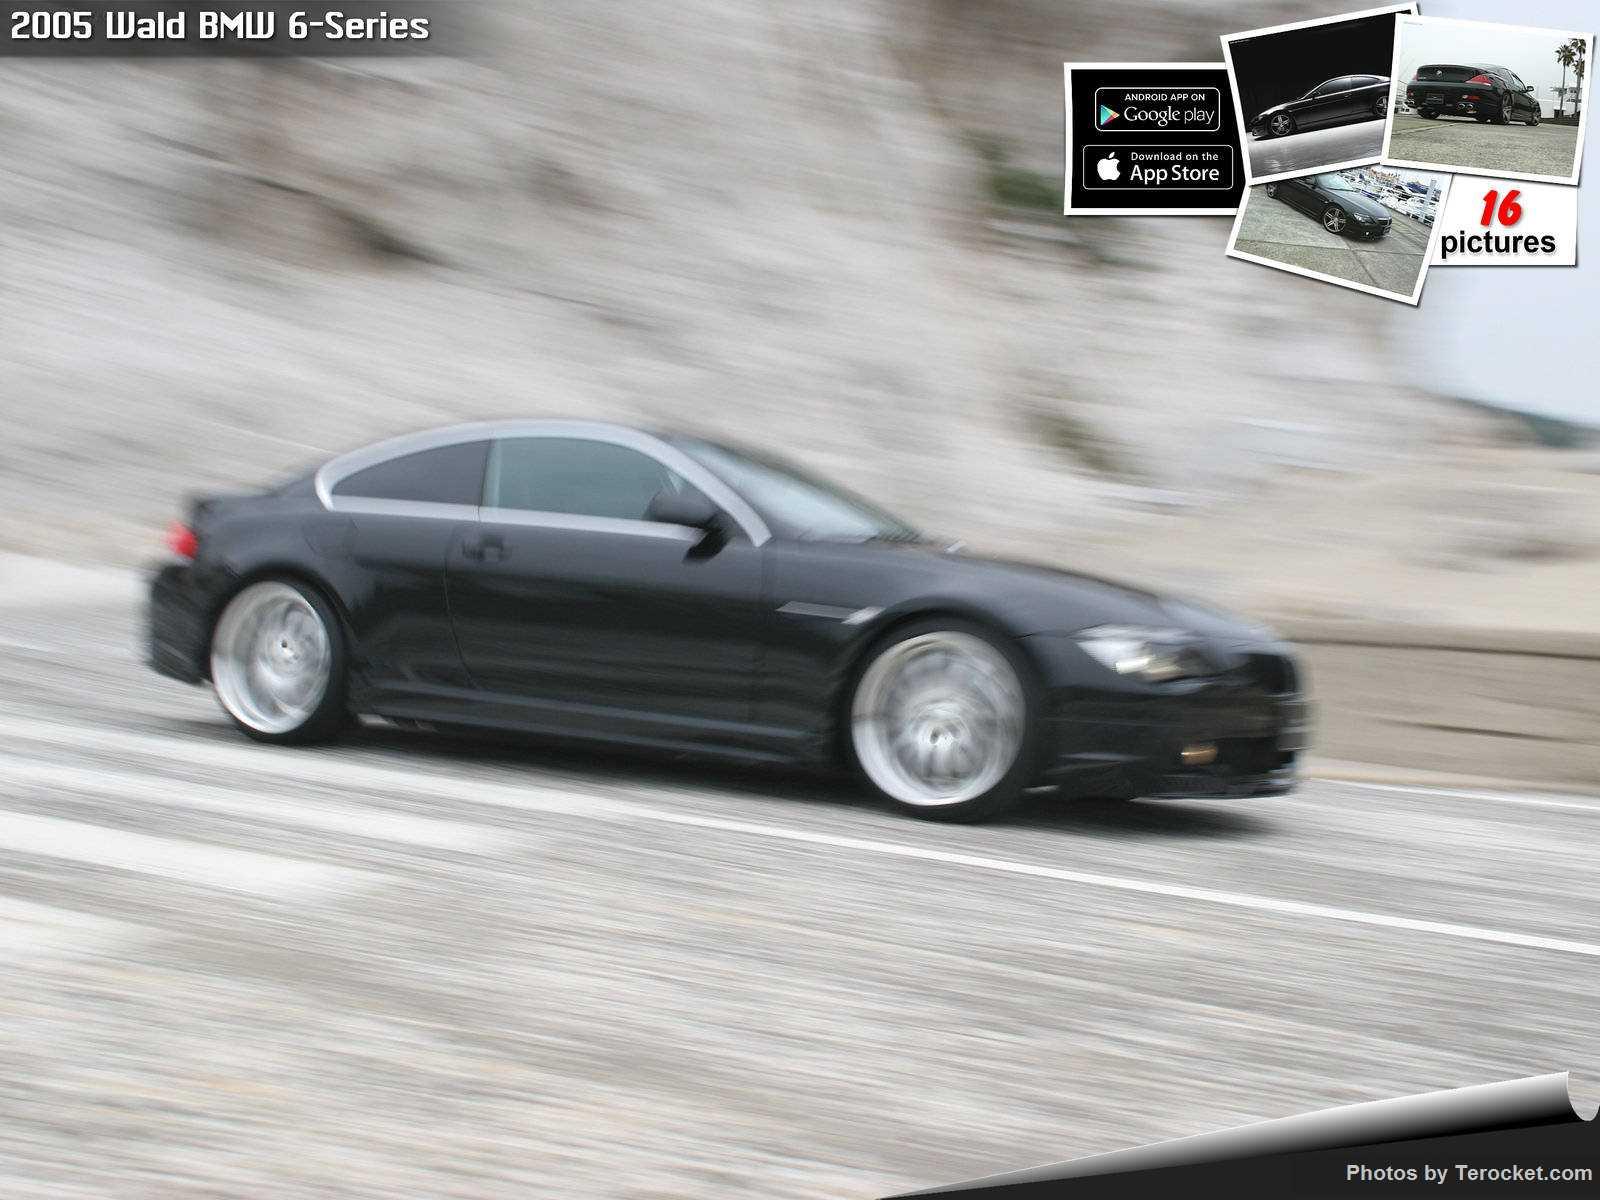 Hình ảnh xe độ Wald BMW 6-Series 2005 & nội ngoại thất